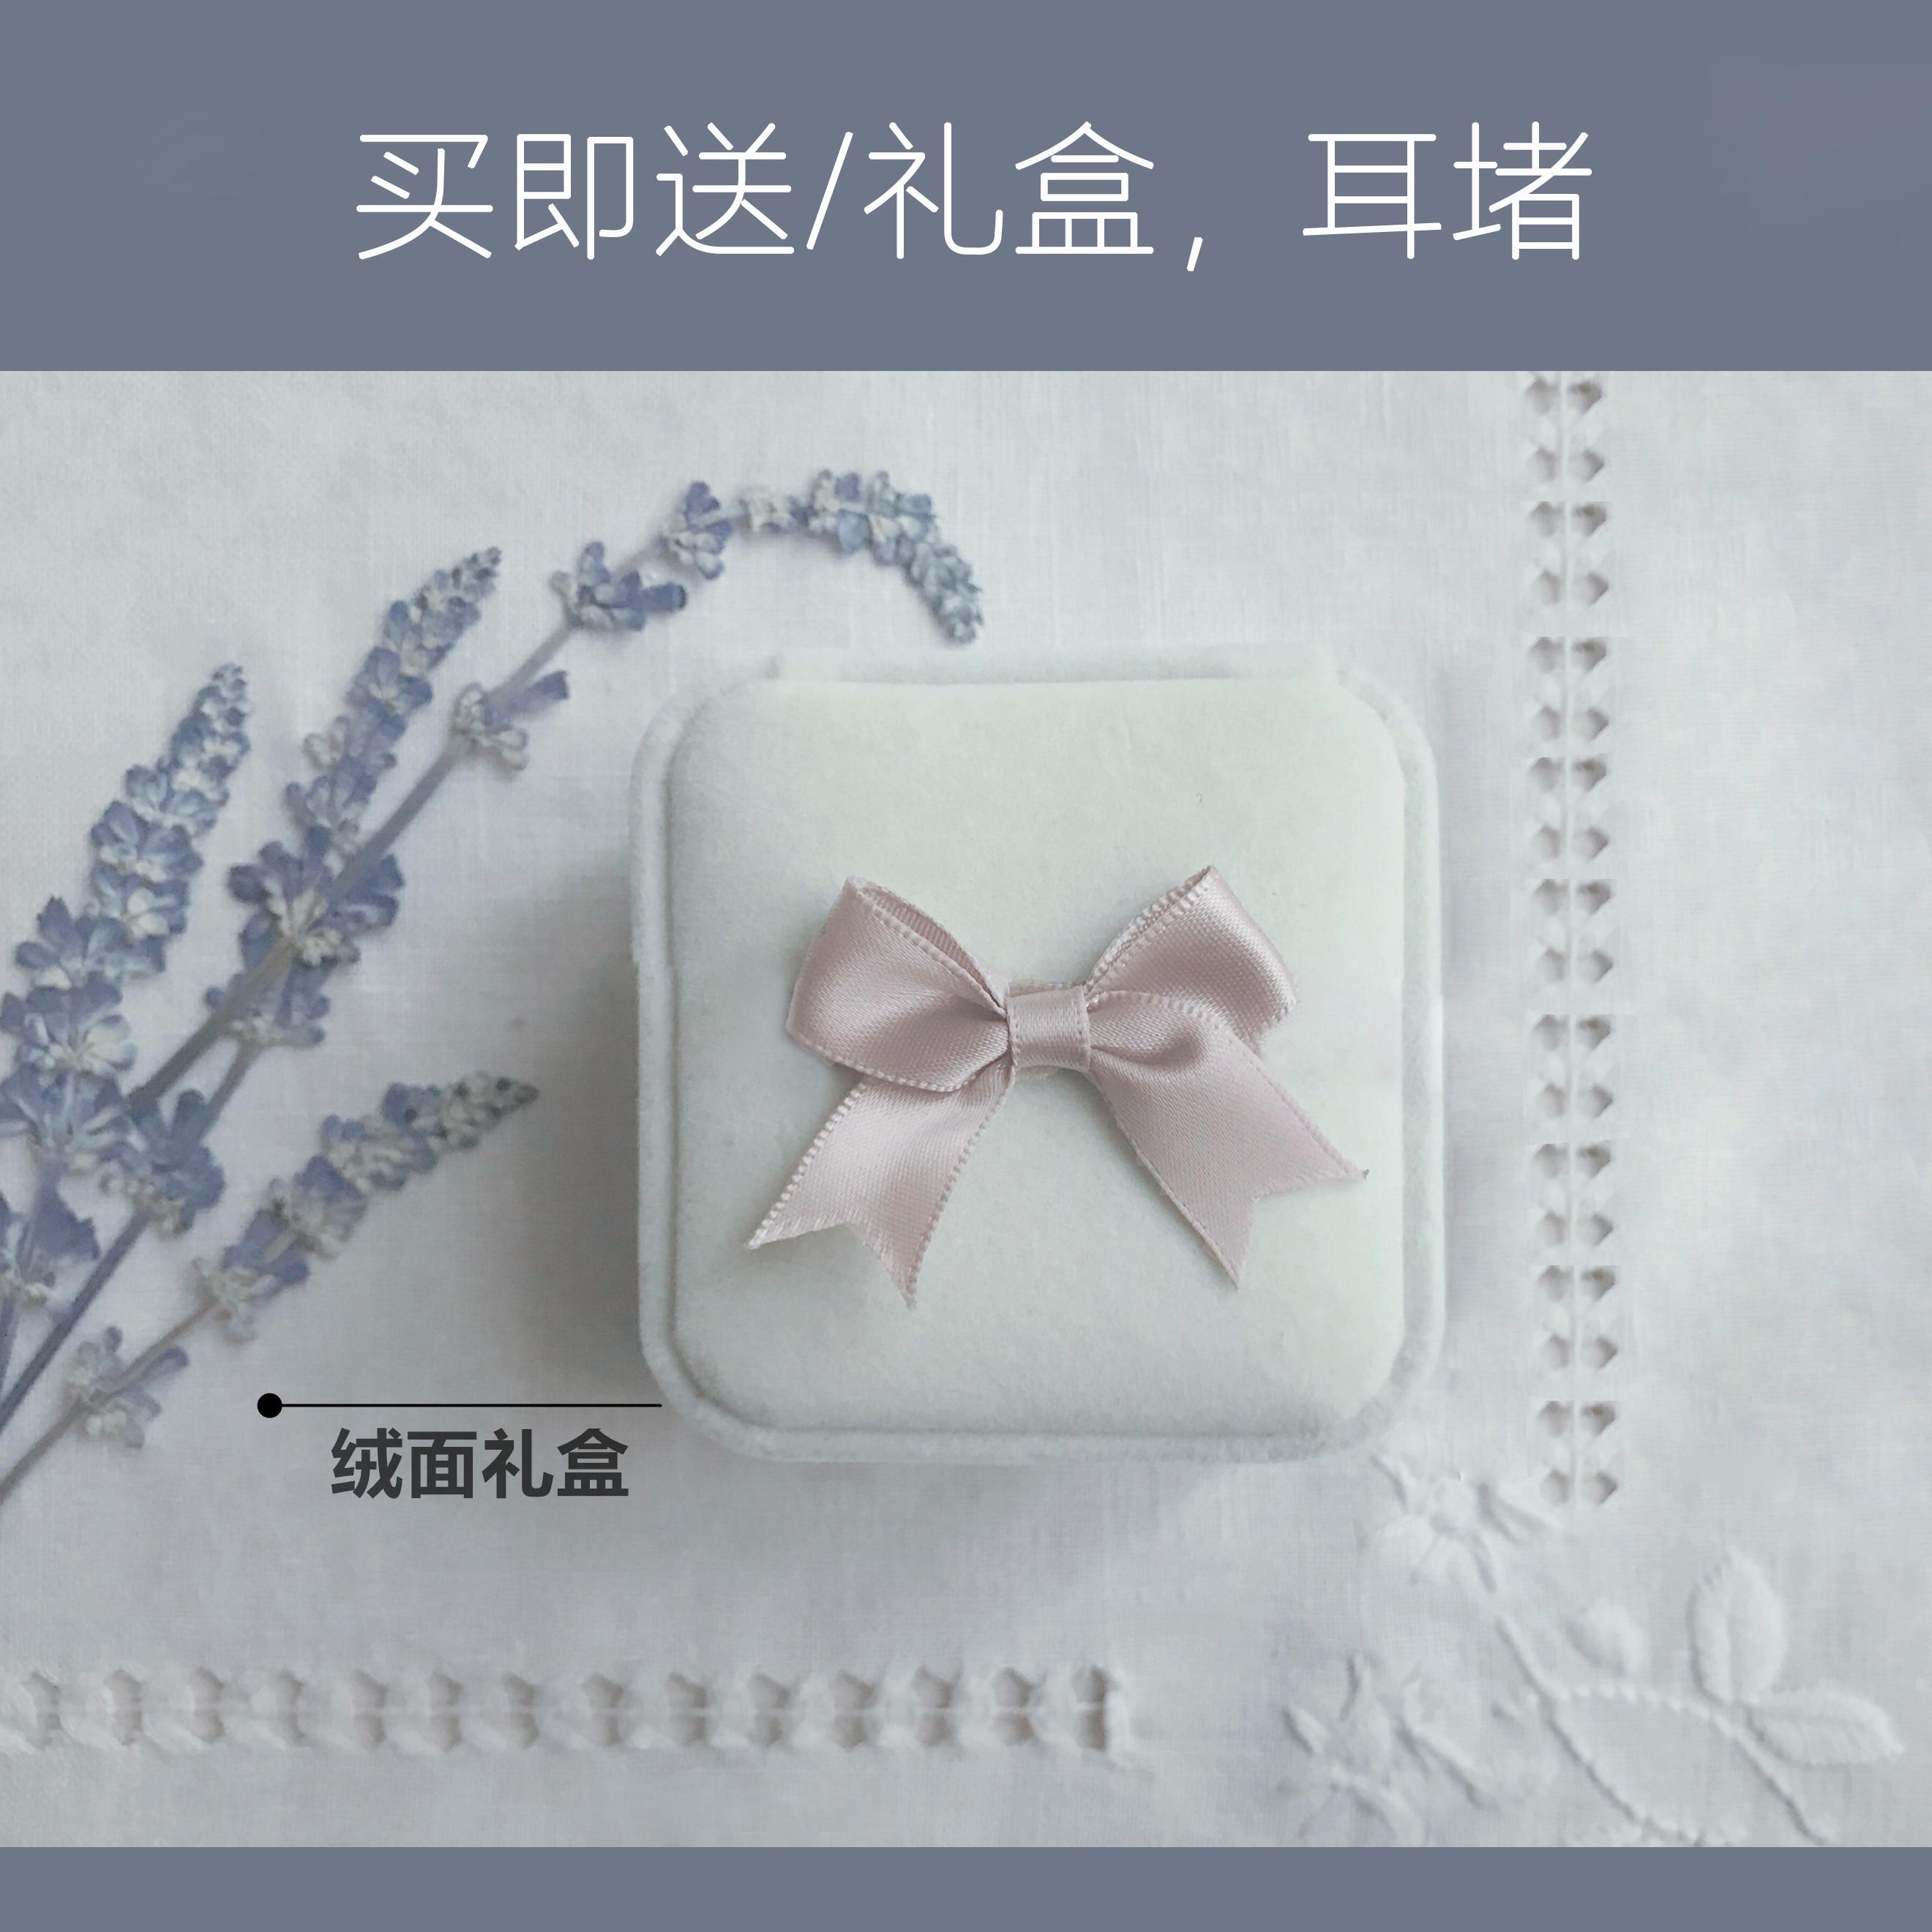 Xingyue fée fille coeur ins boucles d'oreilles oreille clips Sen super fée visage mince mignon bijoux - 4